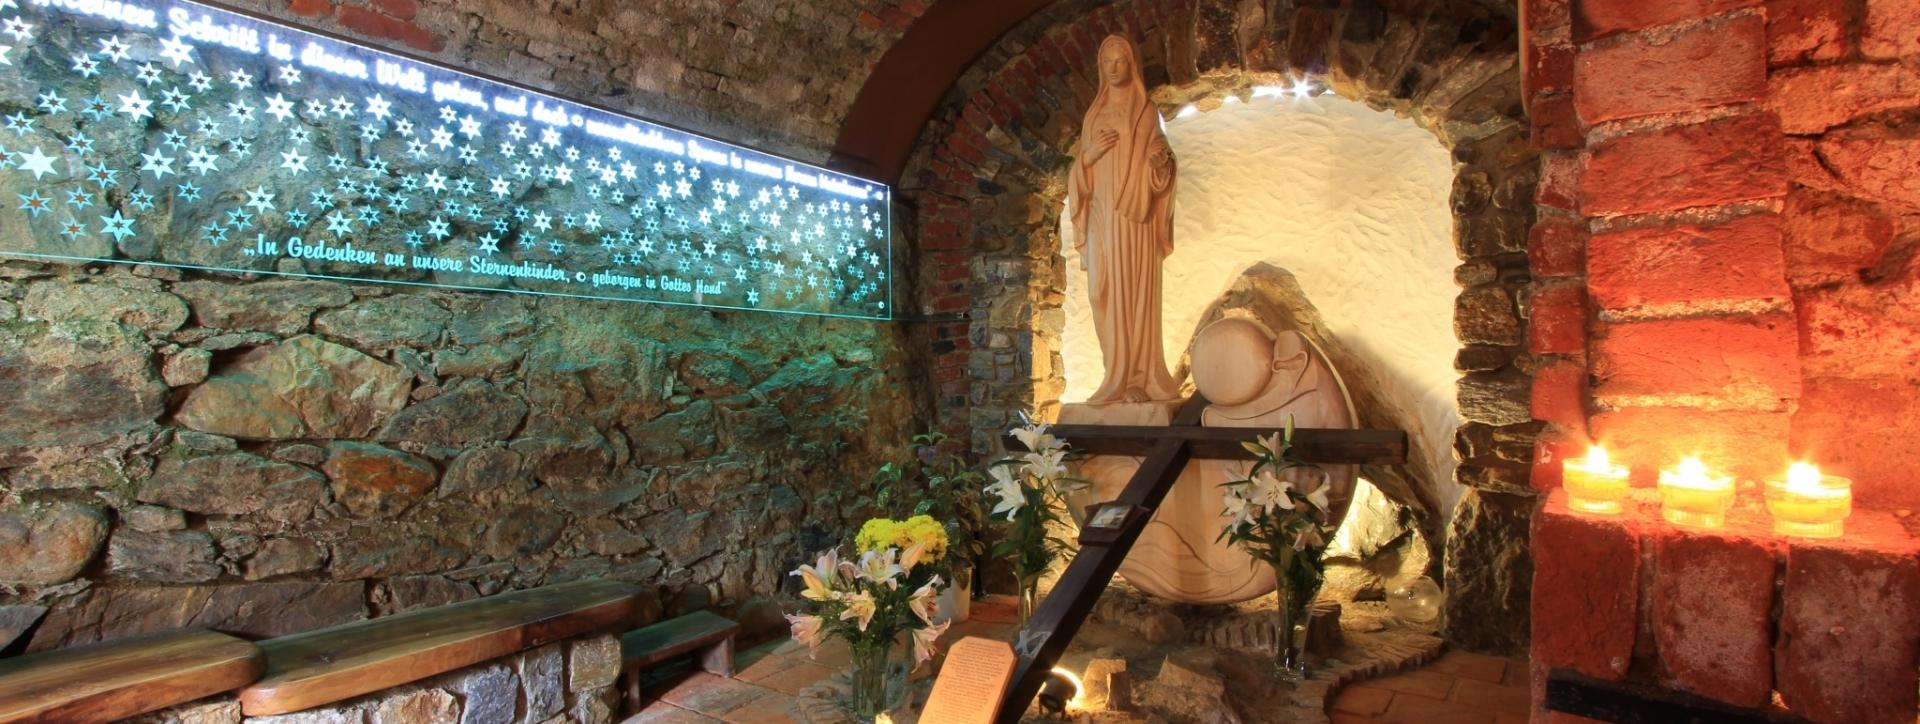 Friedensgrotte St. Ruprecht an der Raab